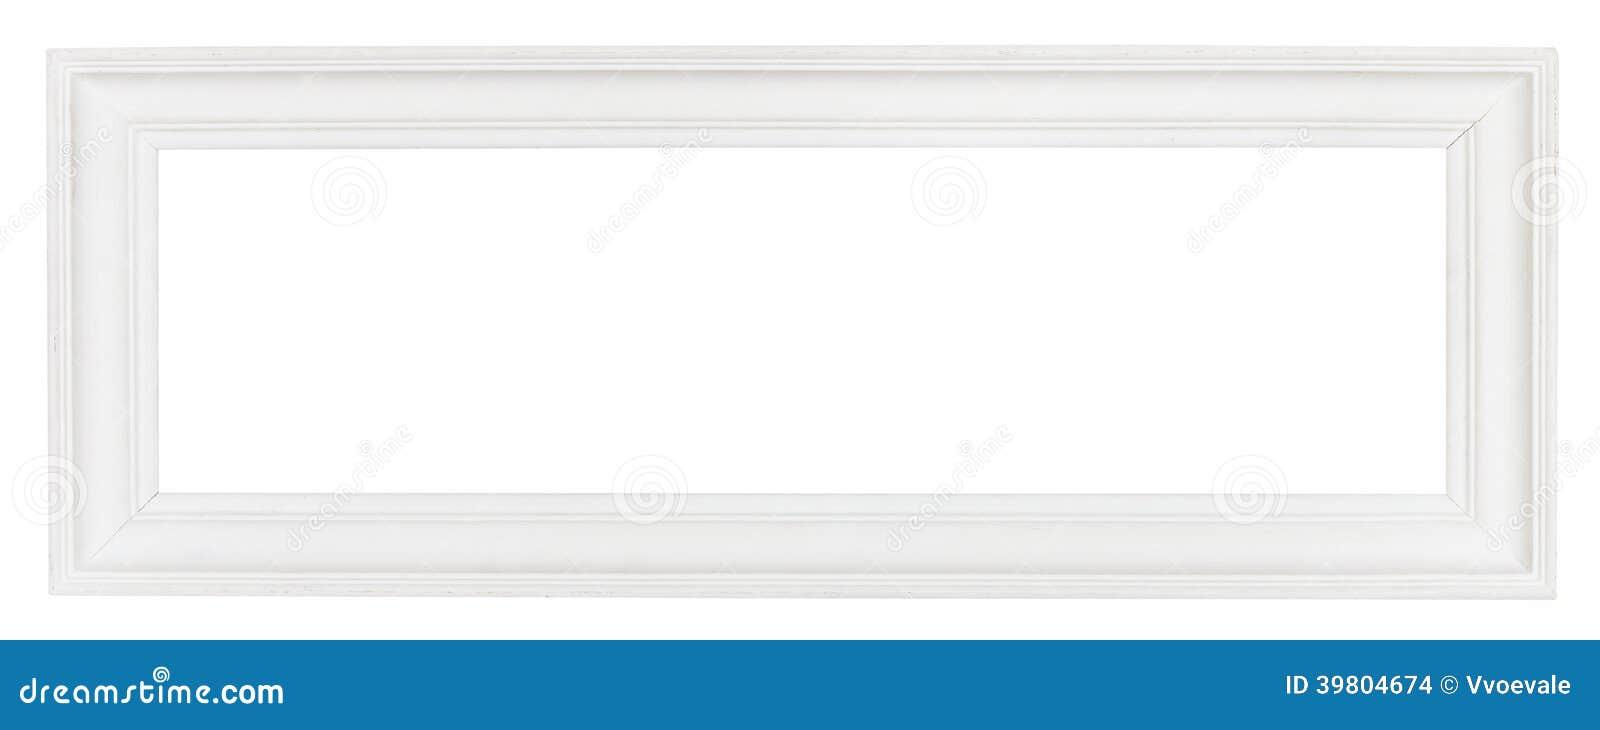 cadre de tableau en bois panoramique blanc large photo stock image 39804674. Black Bedroom Furniture Sets. Home Design Ideas